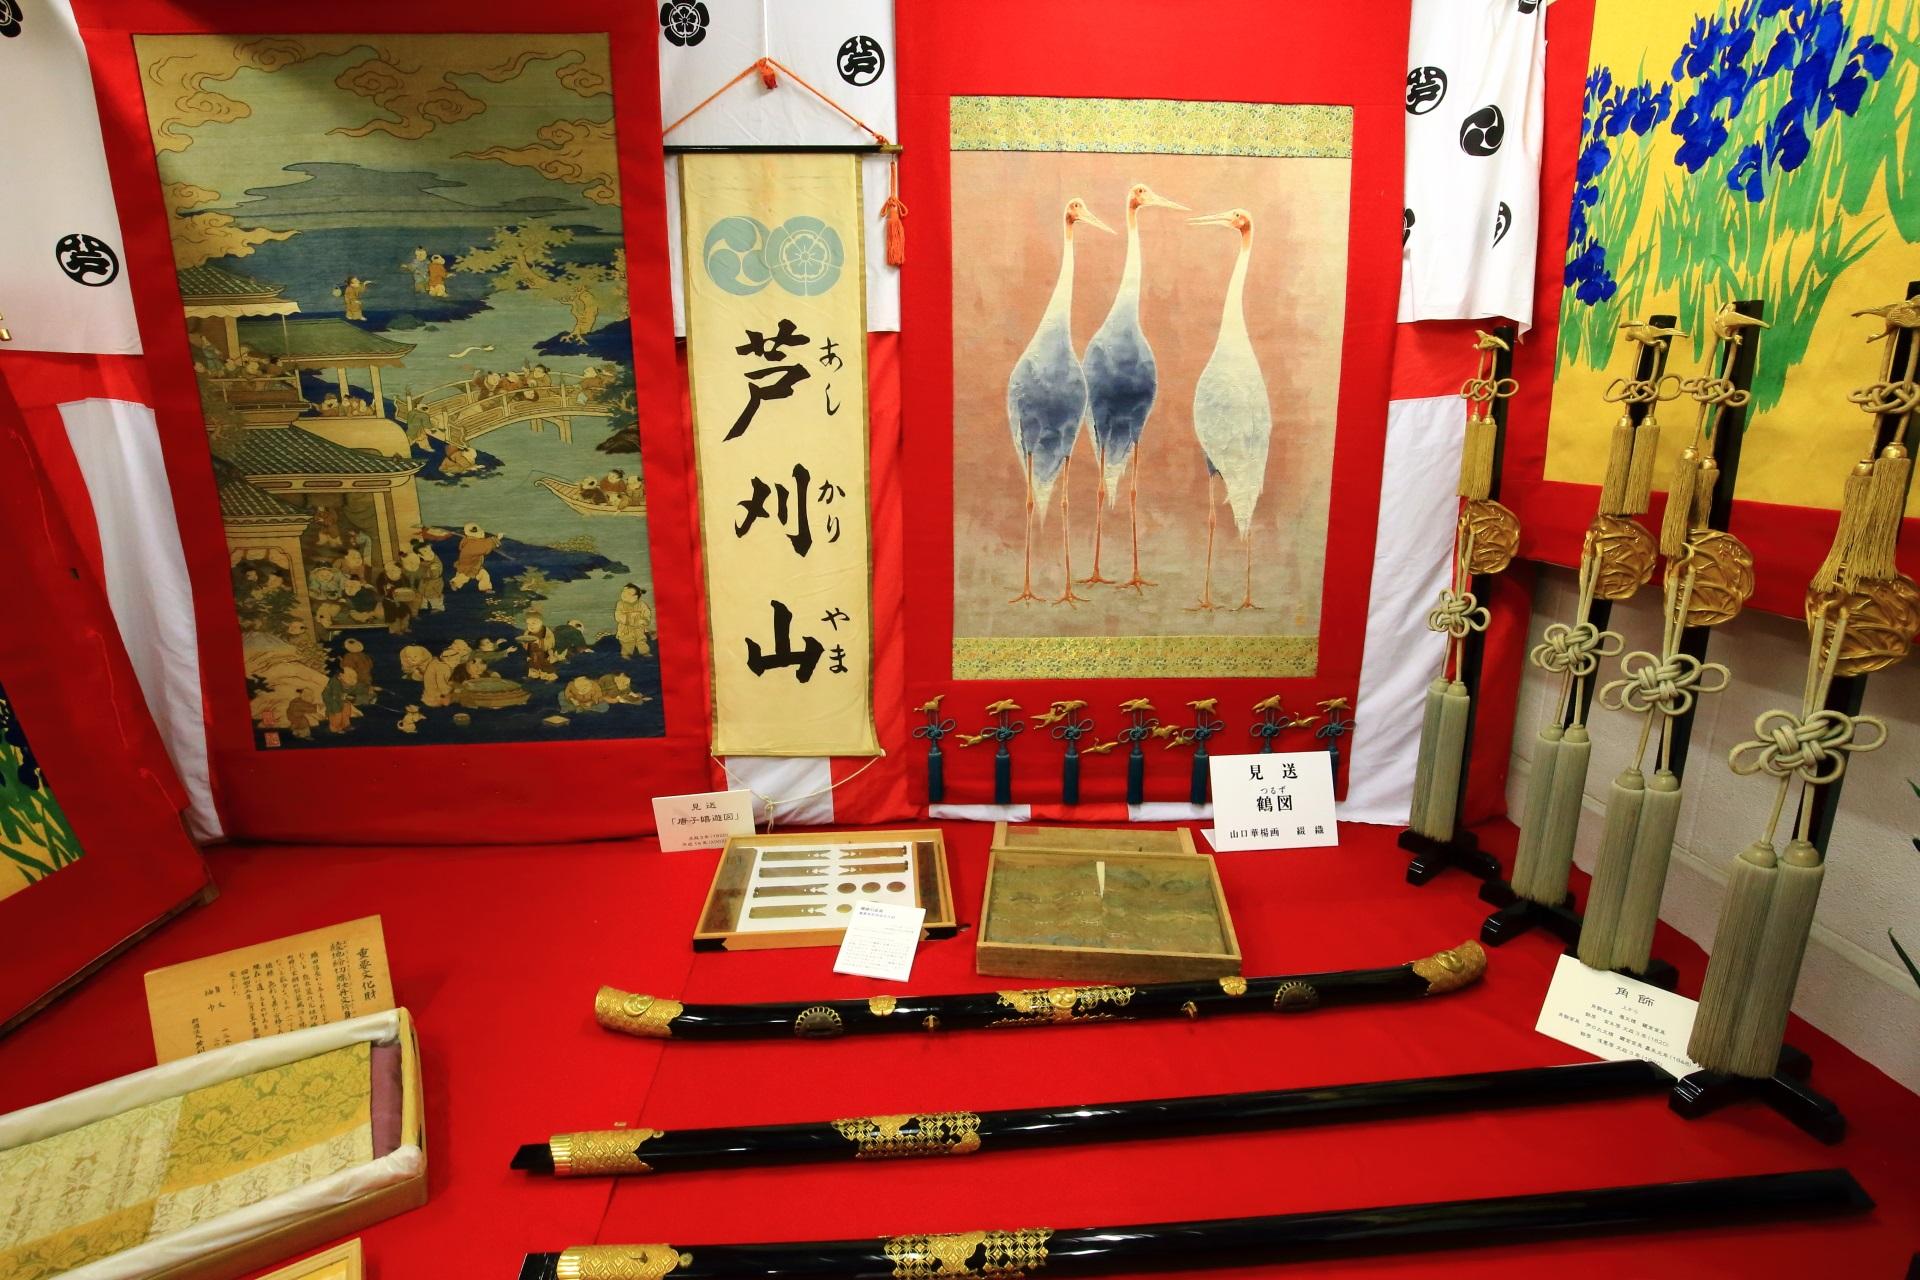 芦刈山の鶴や菖蒲